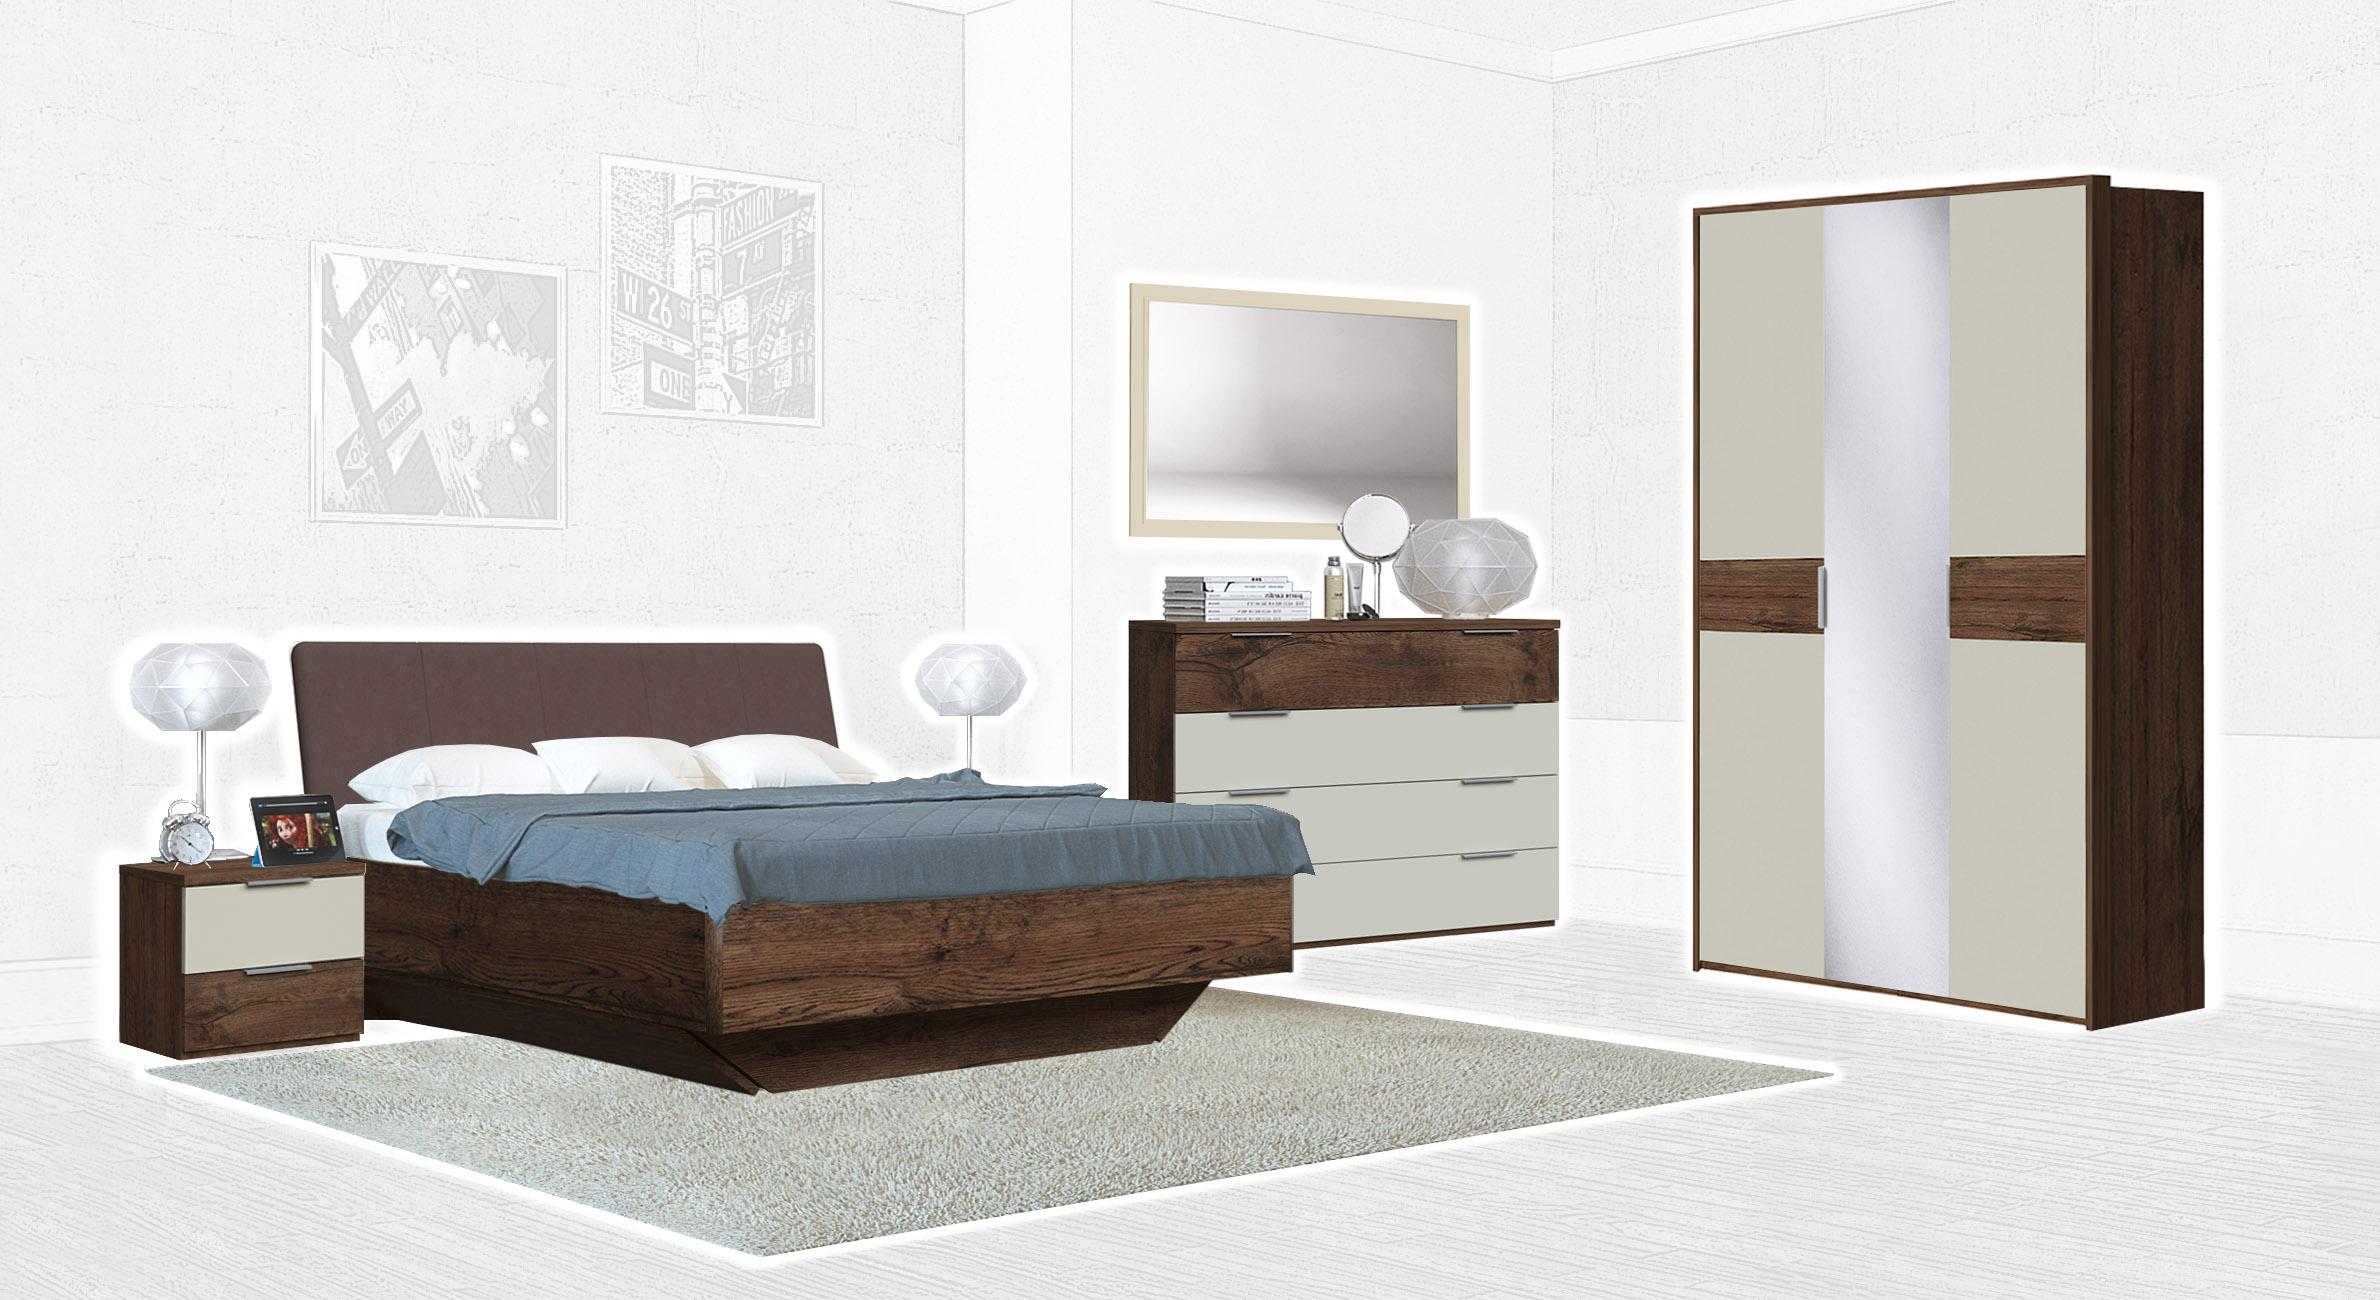 Спальня Интердизайн Тоскано темно-коричневый/бежевый (композиция 3)